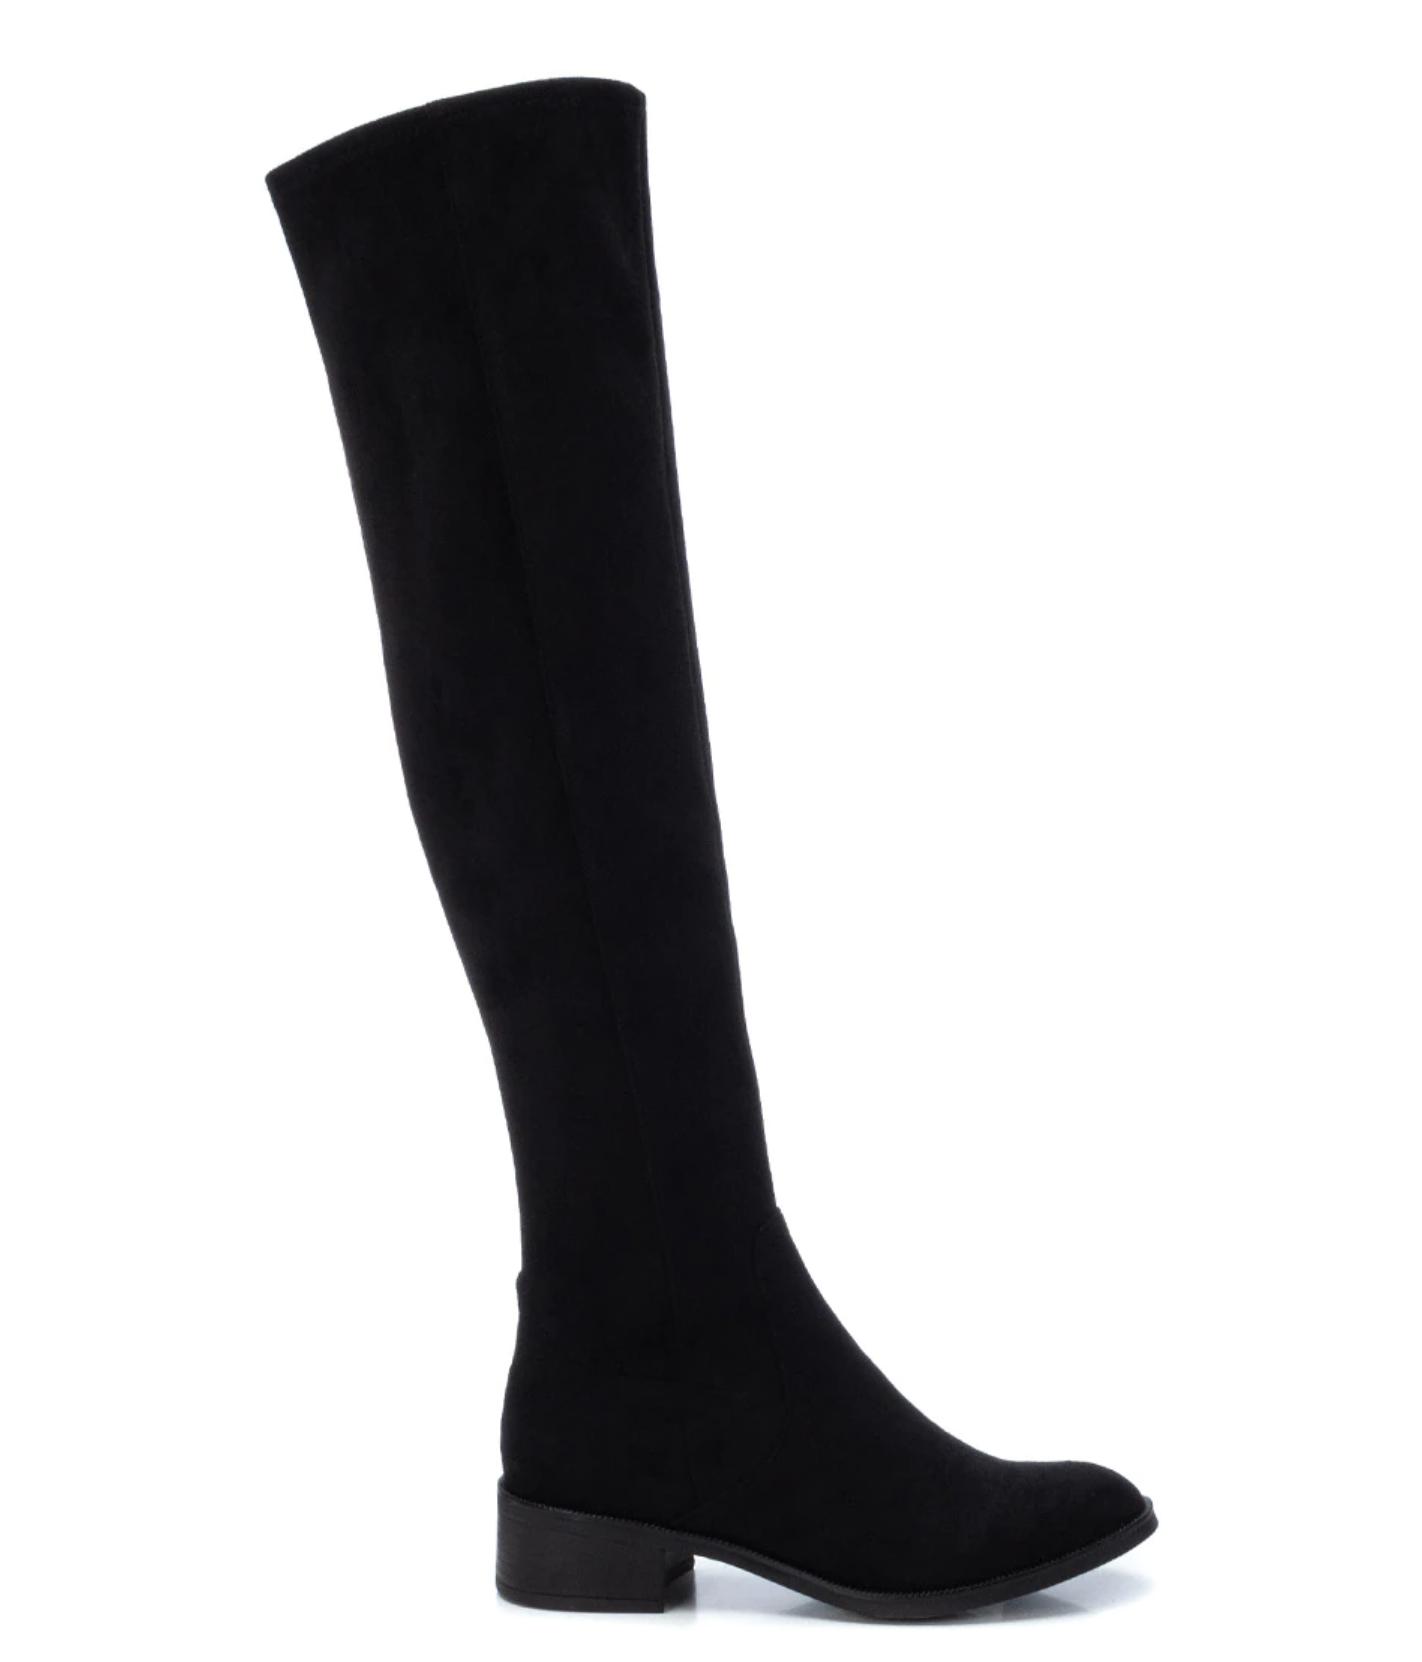 Botas altas de mujer Xti en color negro con cierre de cremallera